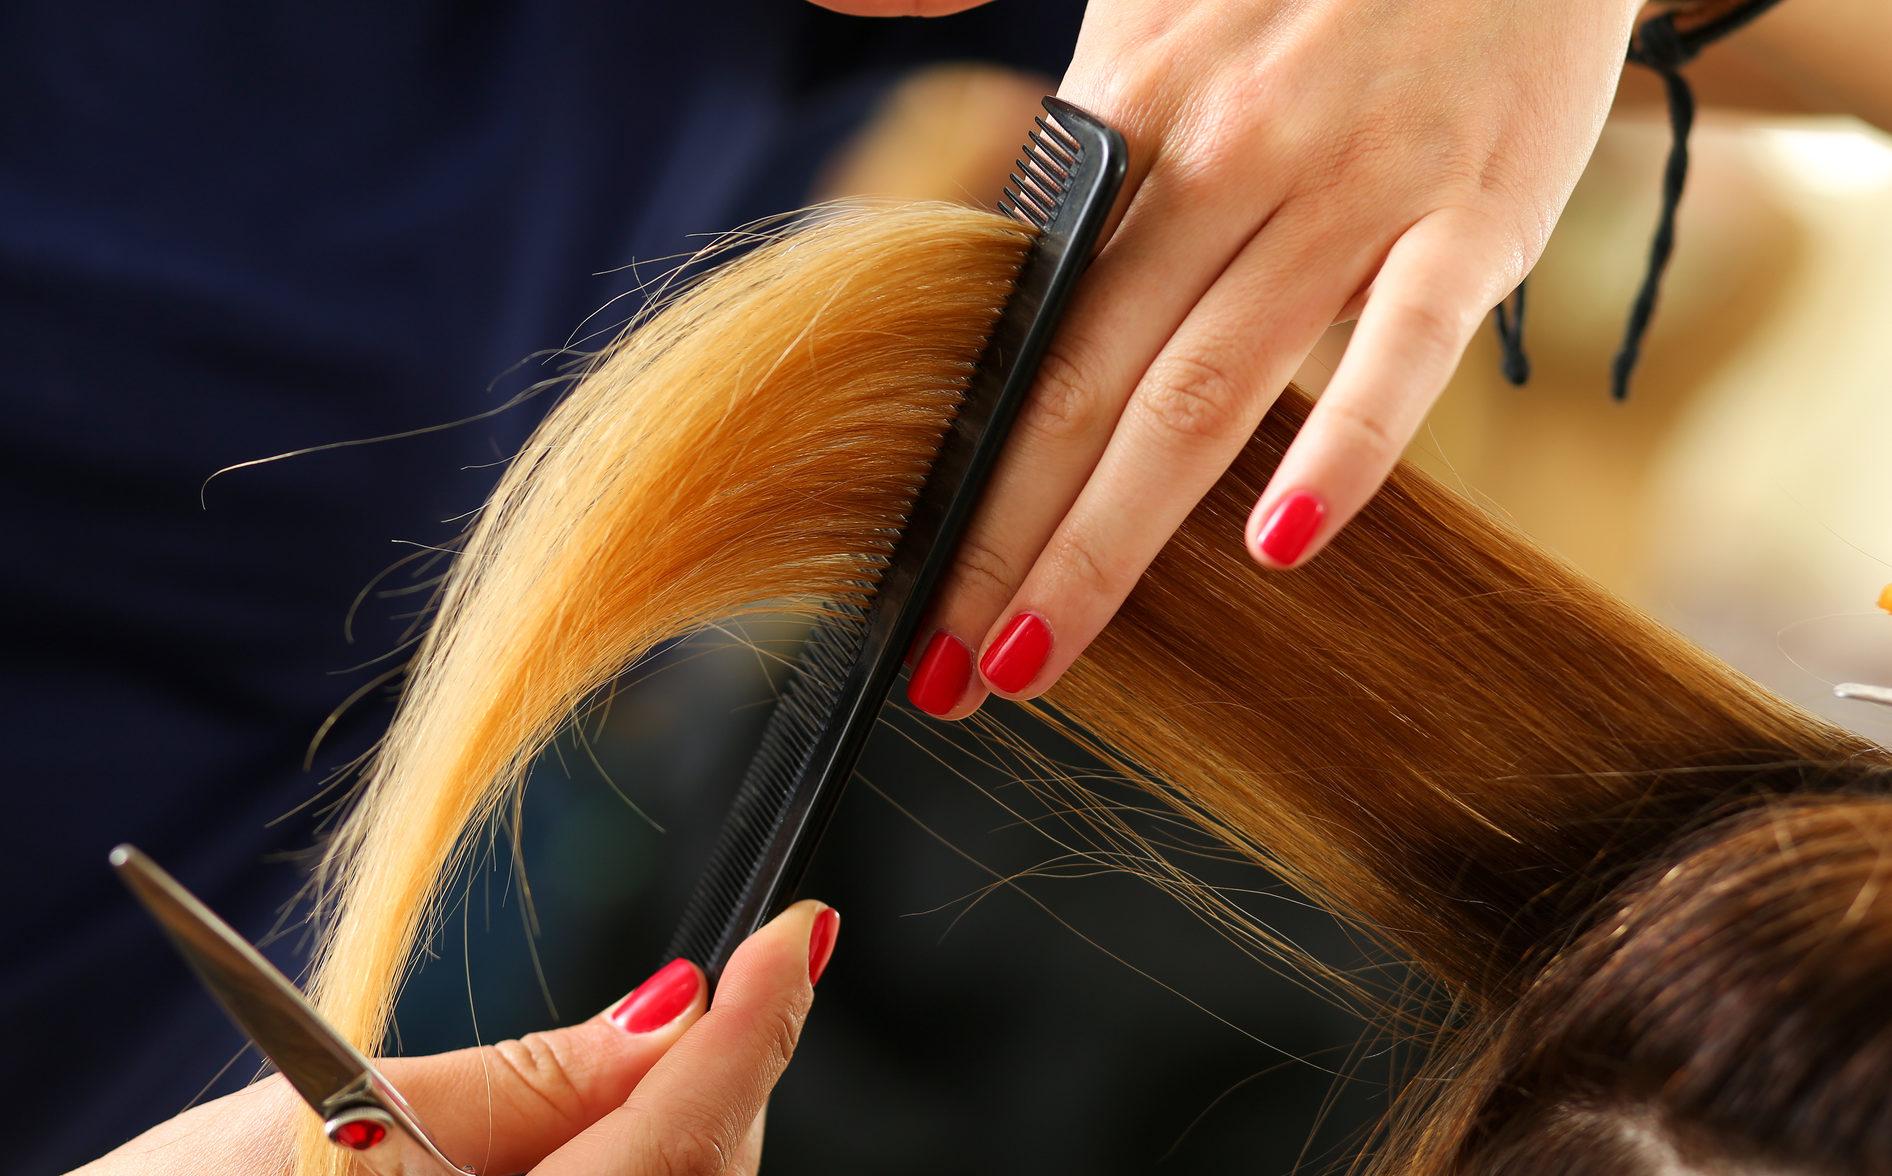 Haare schneiden bei neumond